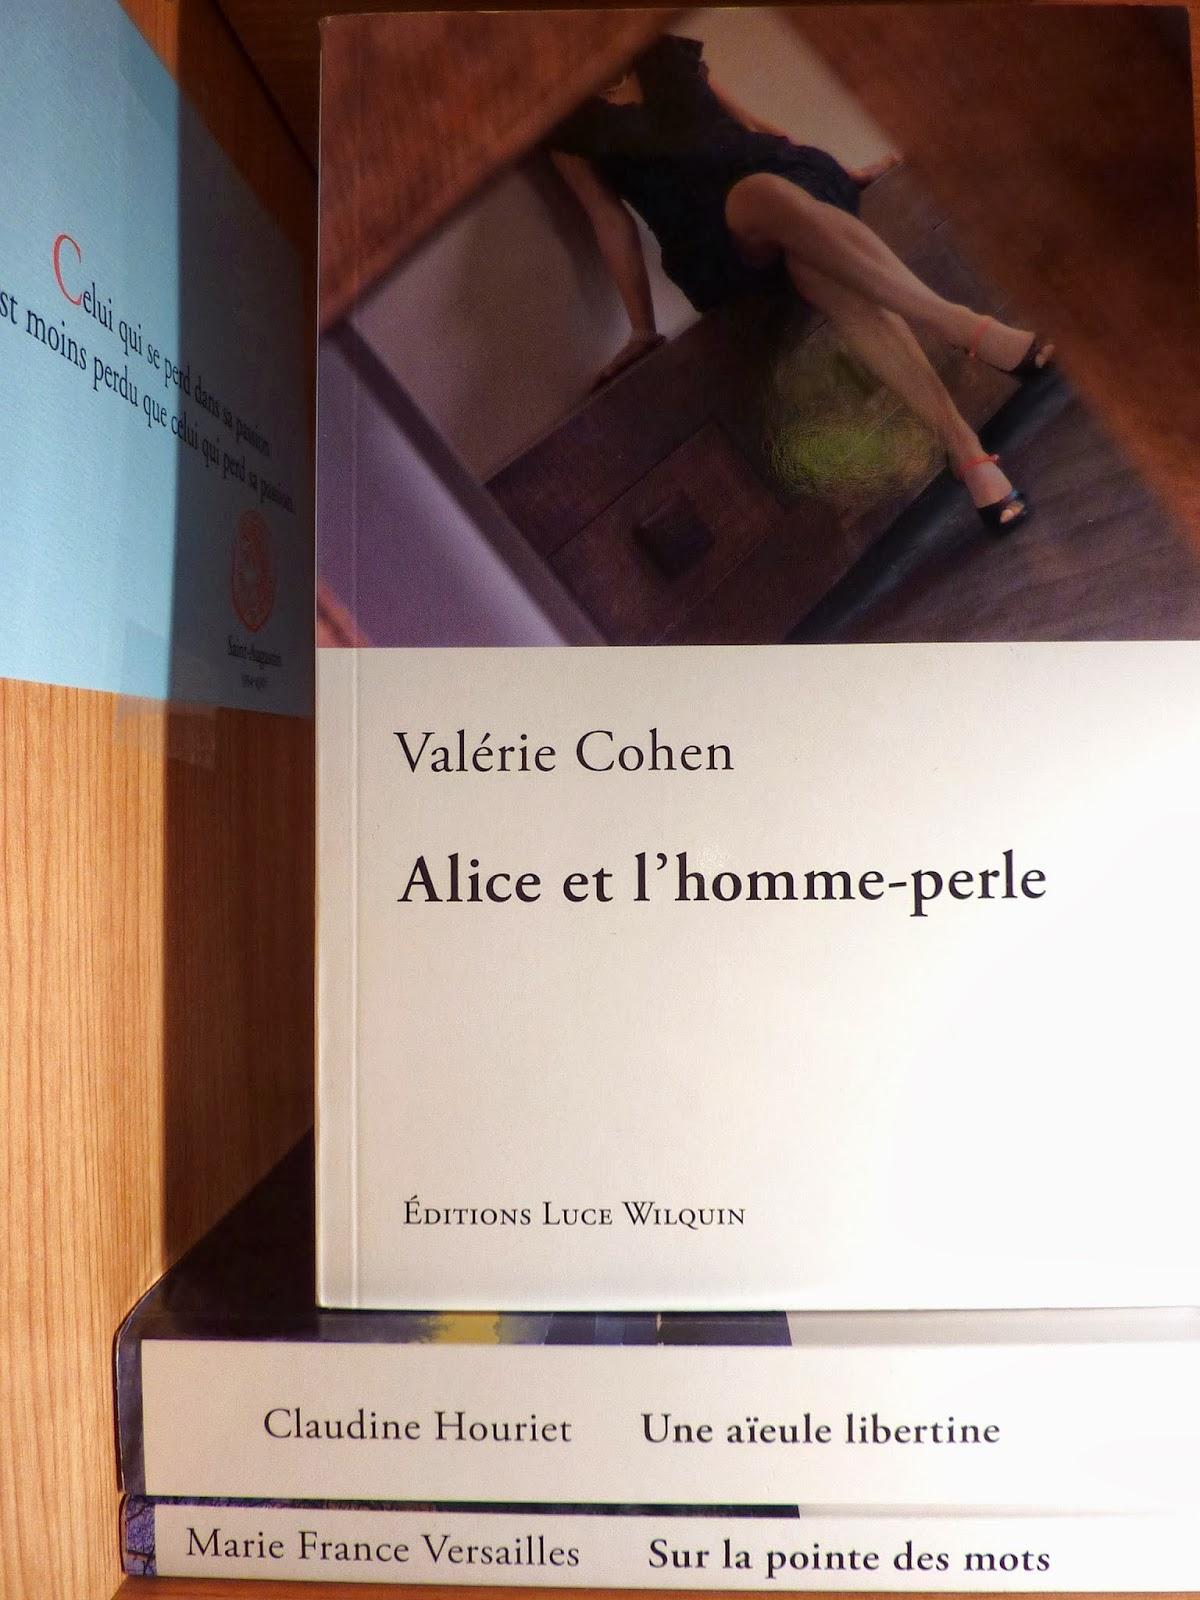 Alice et l'homme-perle - Valérie Cohen